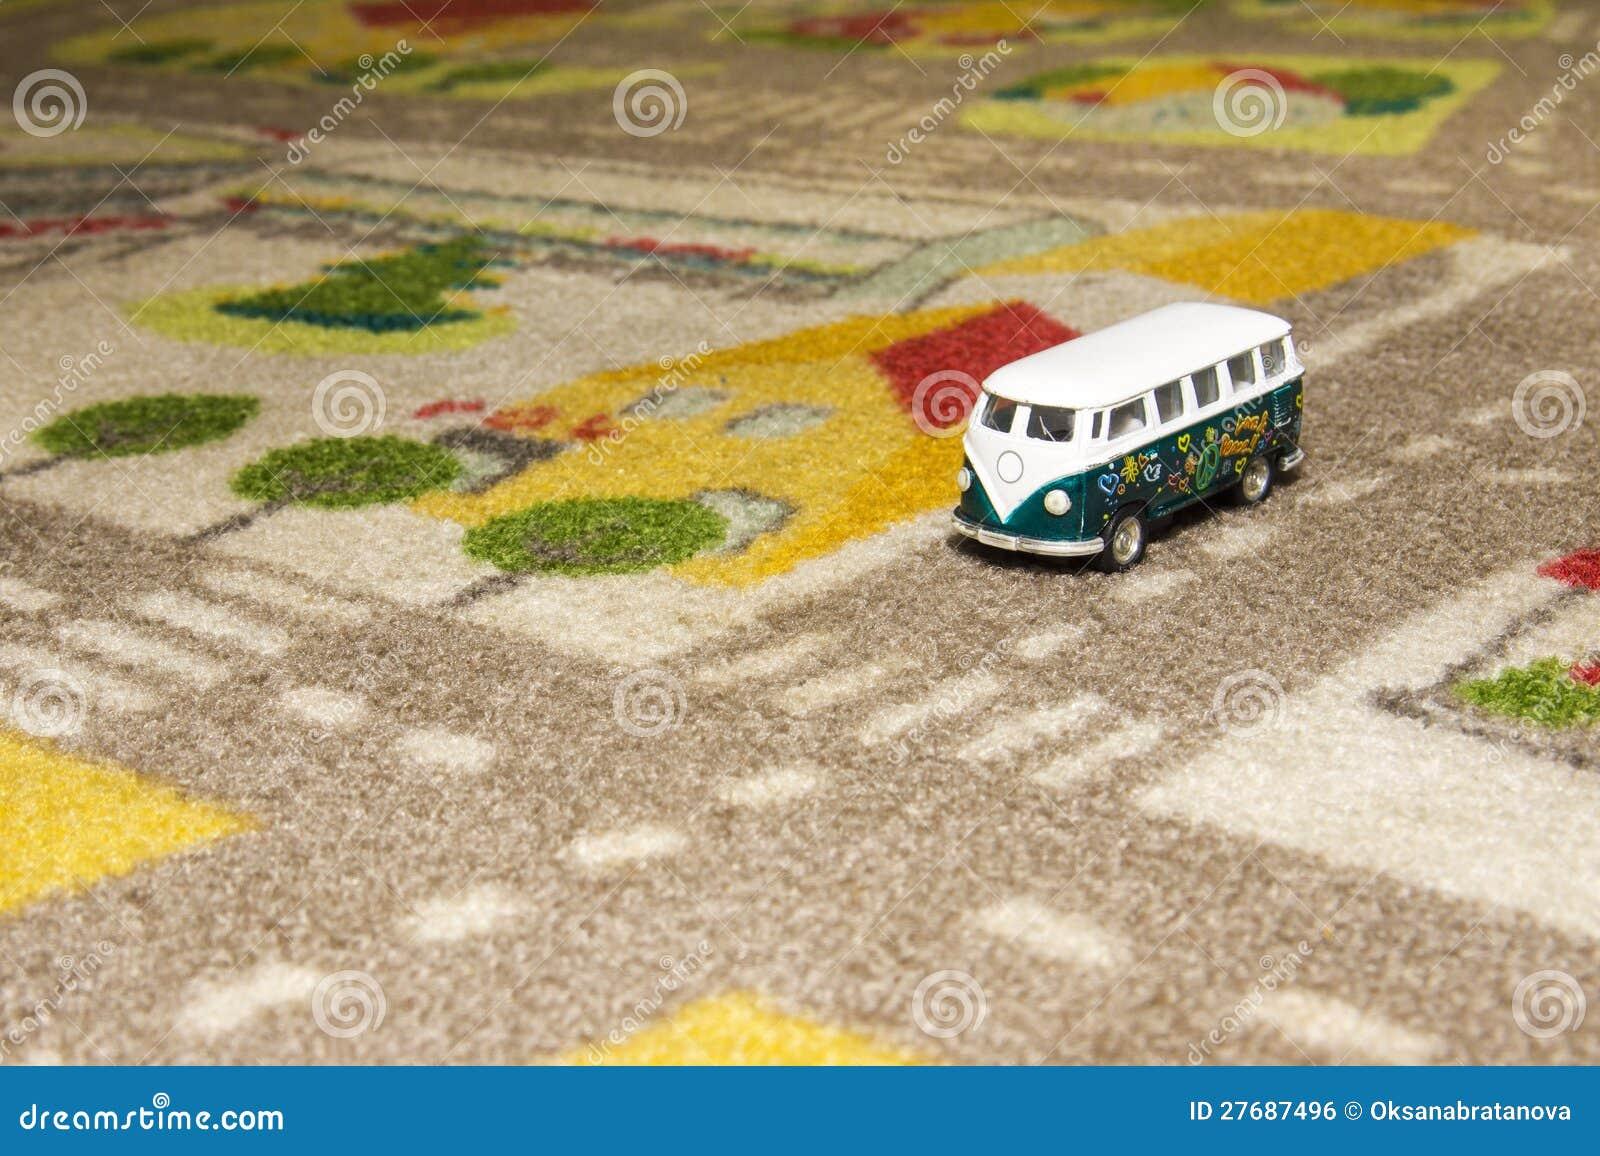 Auto Fußboden Teppich ~ Spielen sie auto bus auf teppich stockfoto bild von bunt